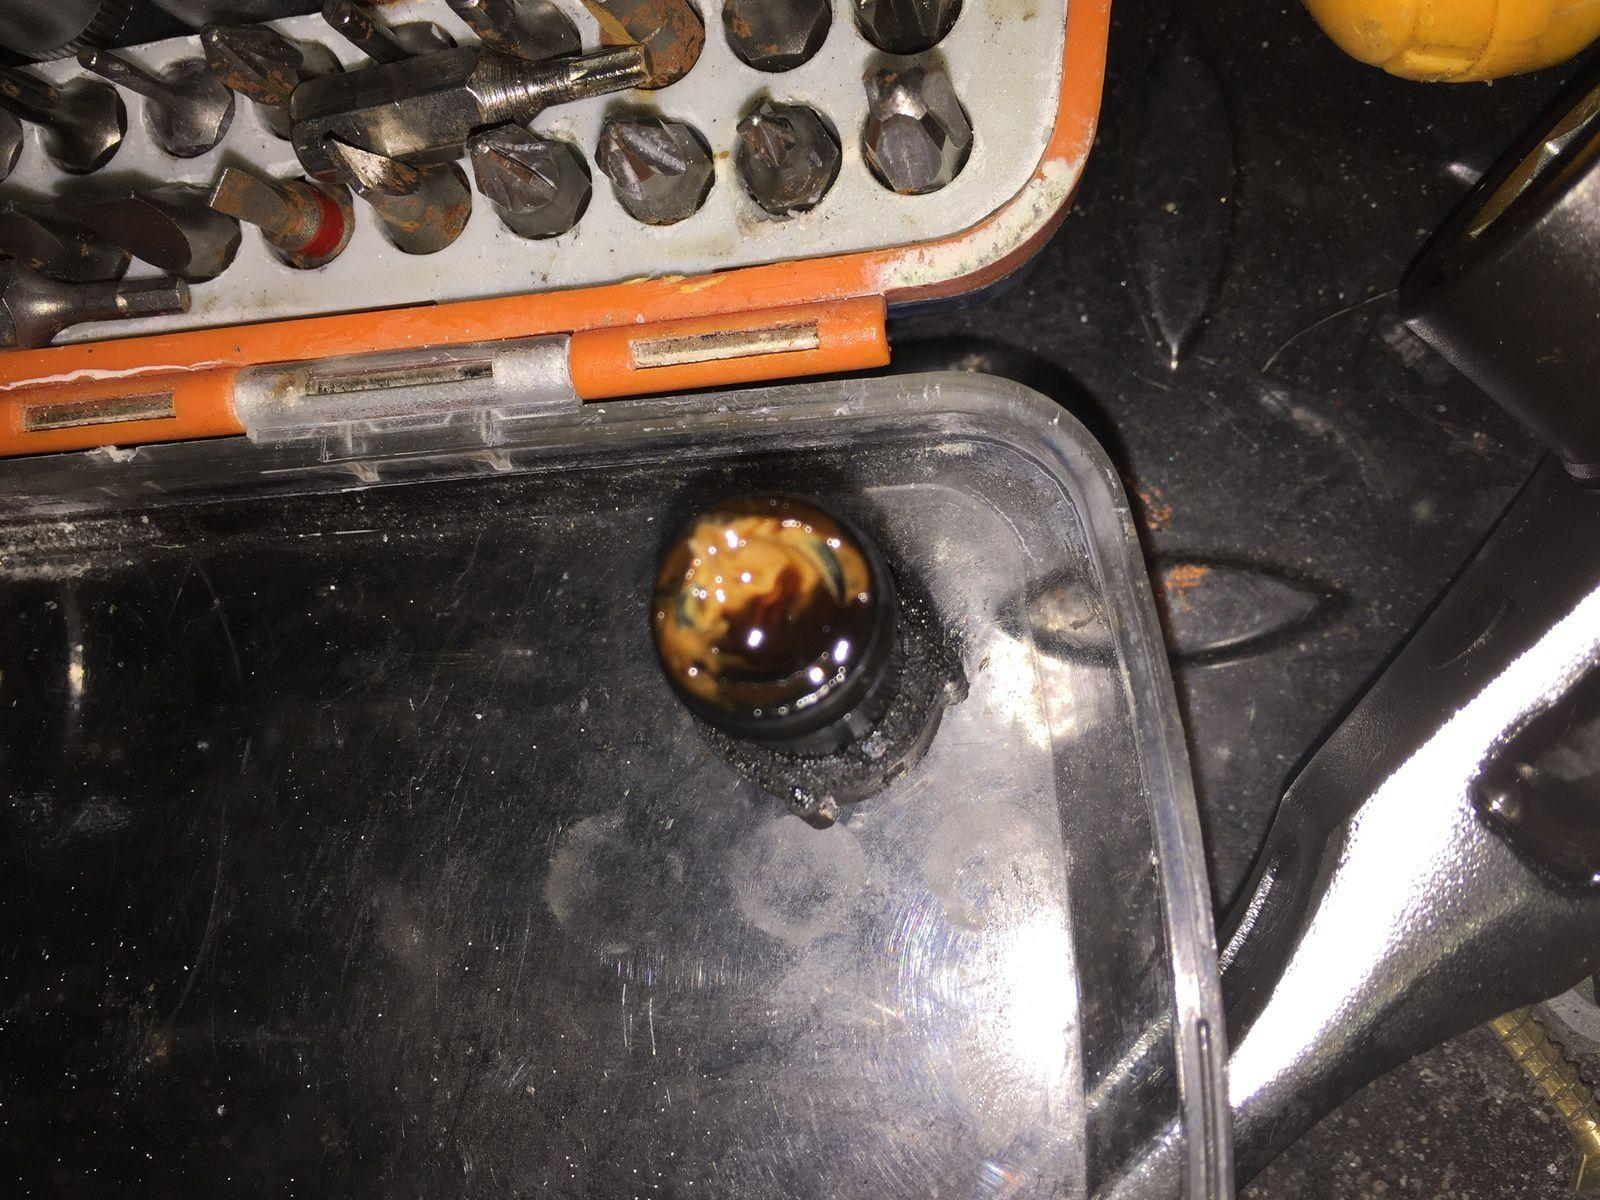 Goldwing - Vidanger le tuyau de la boite du filtre à air